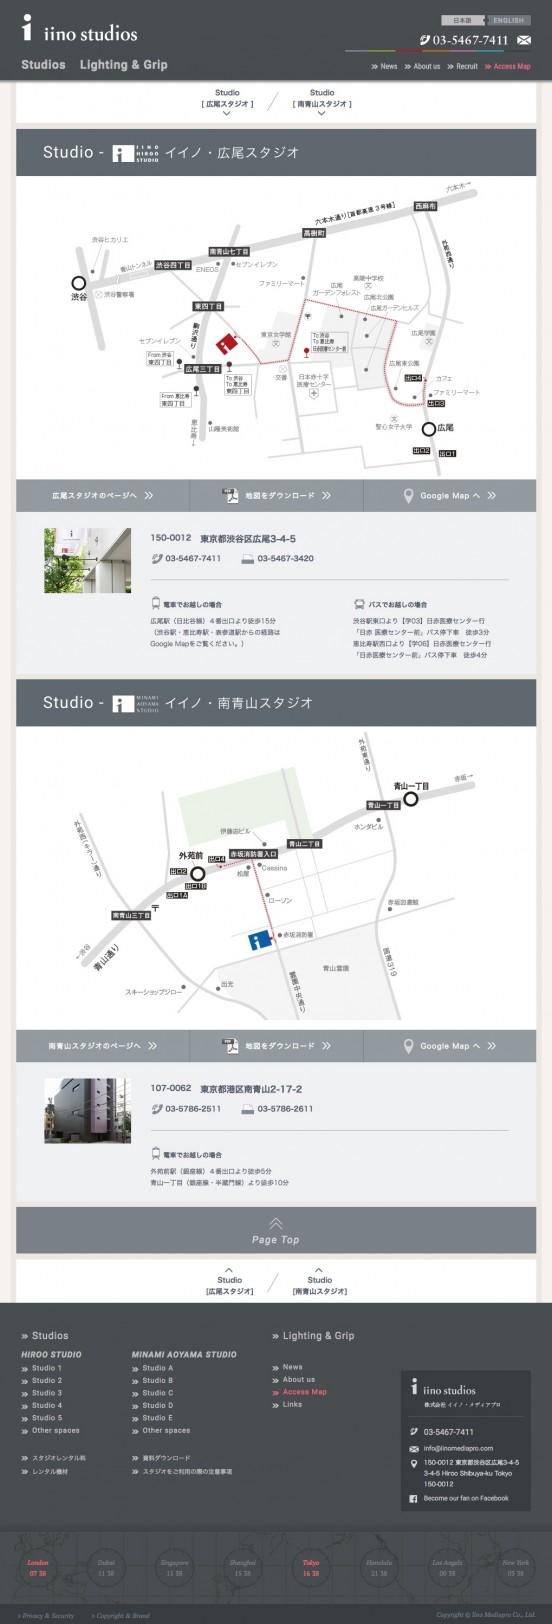 イイノ・広尾スタジオ/南青山スタジオ|株式会社 イイノ・メディアプロ_3